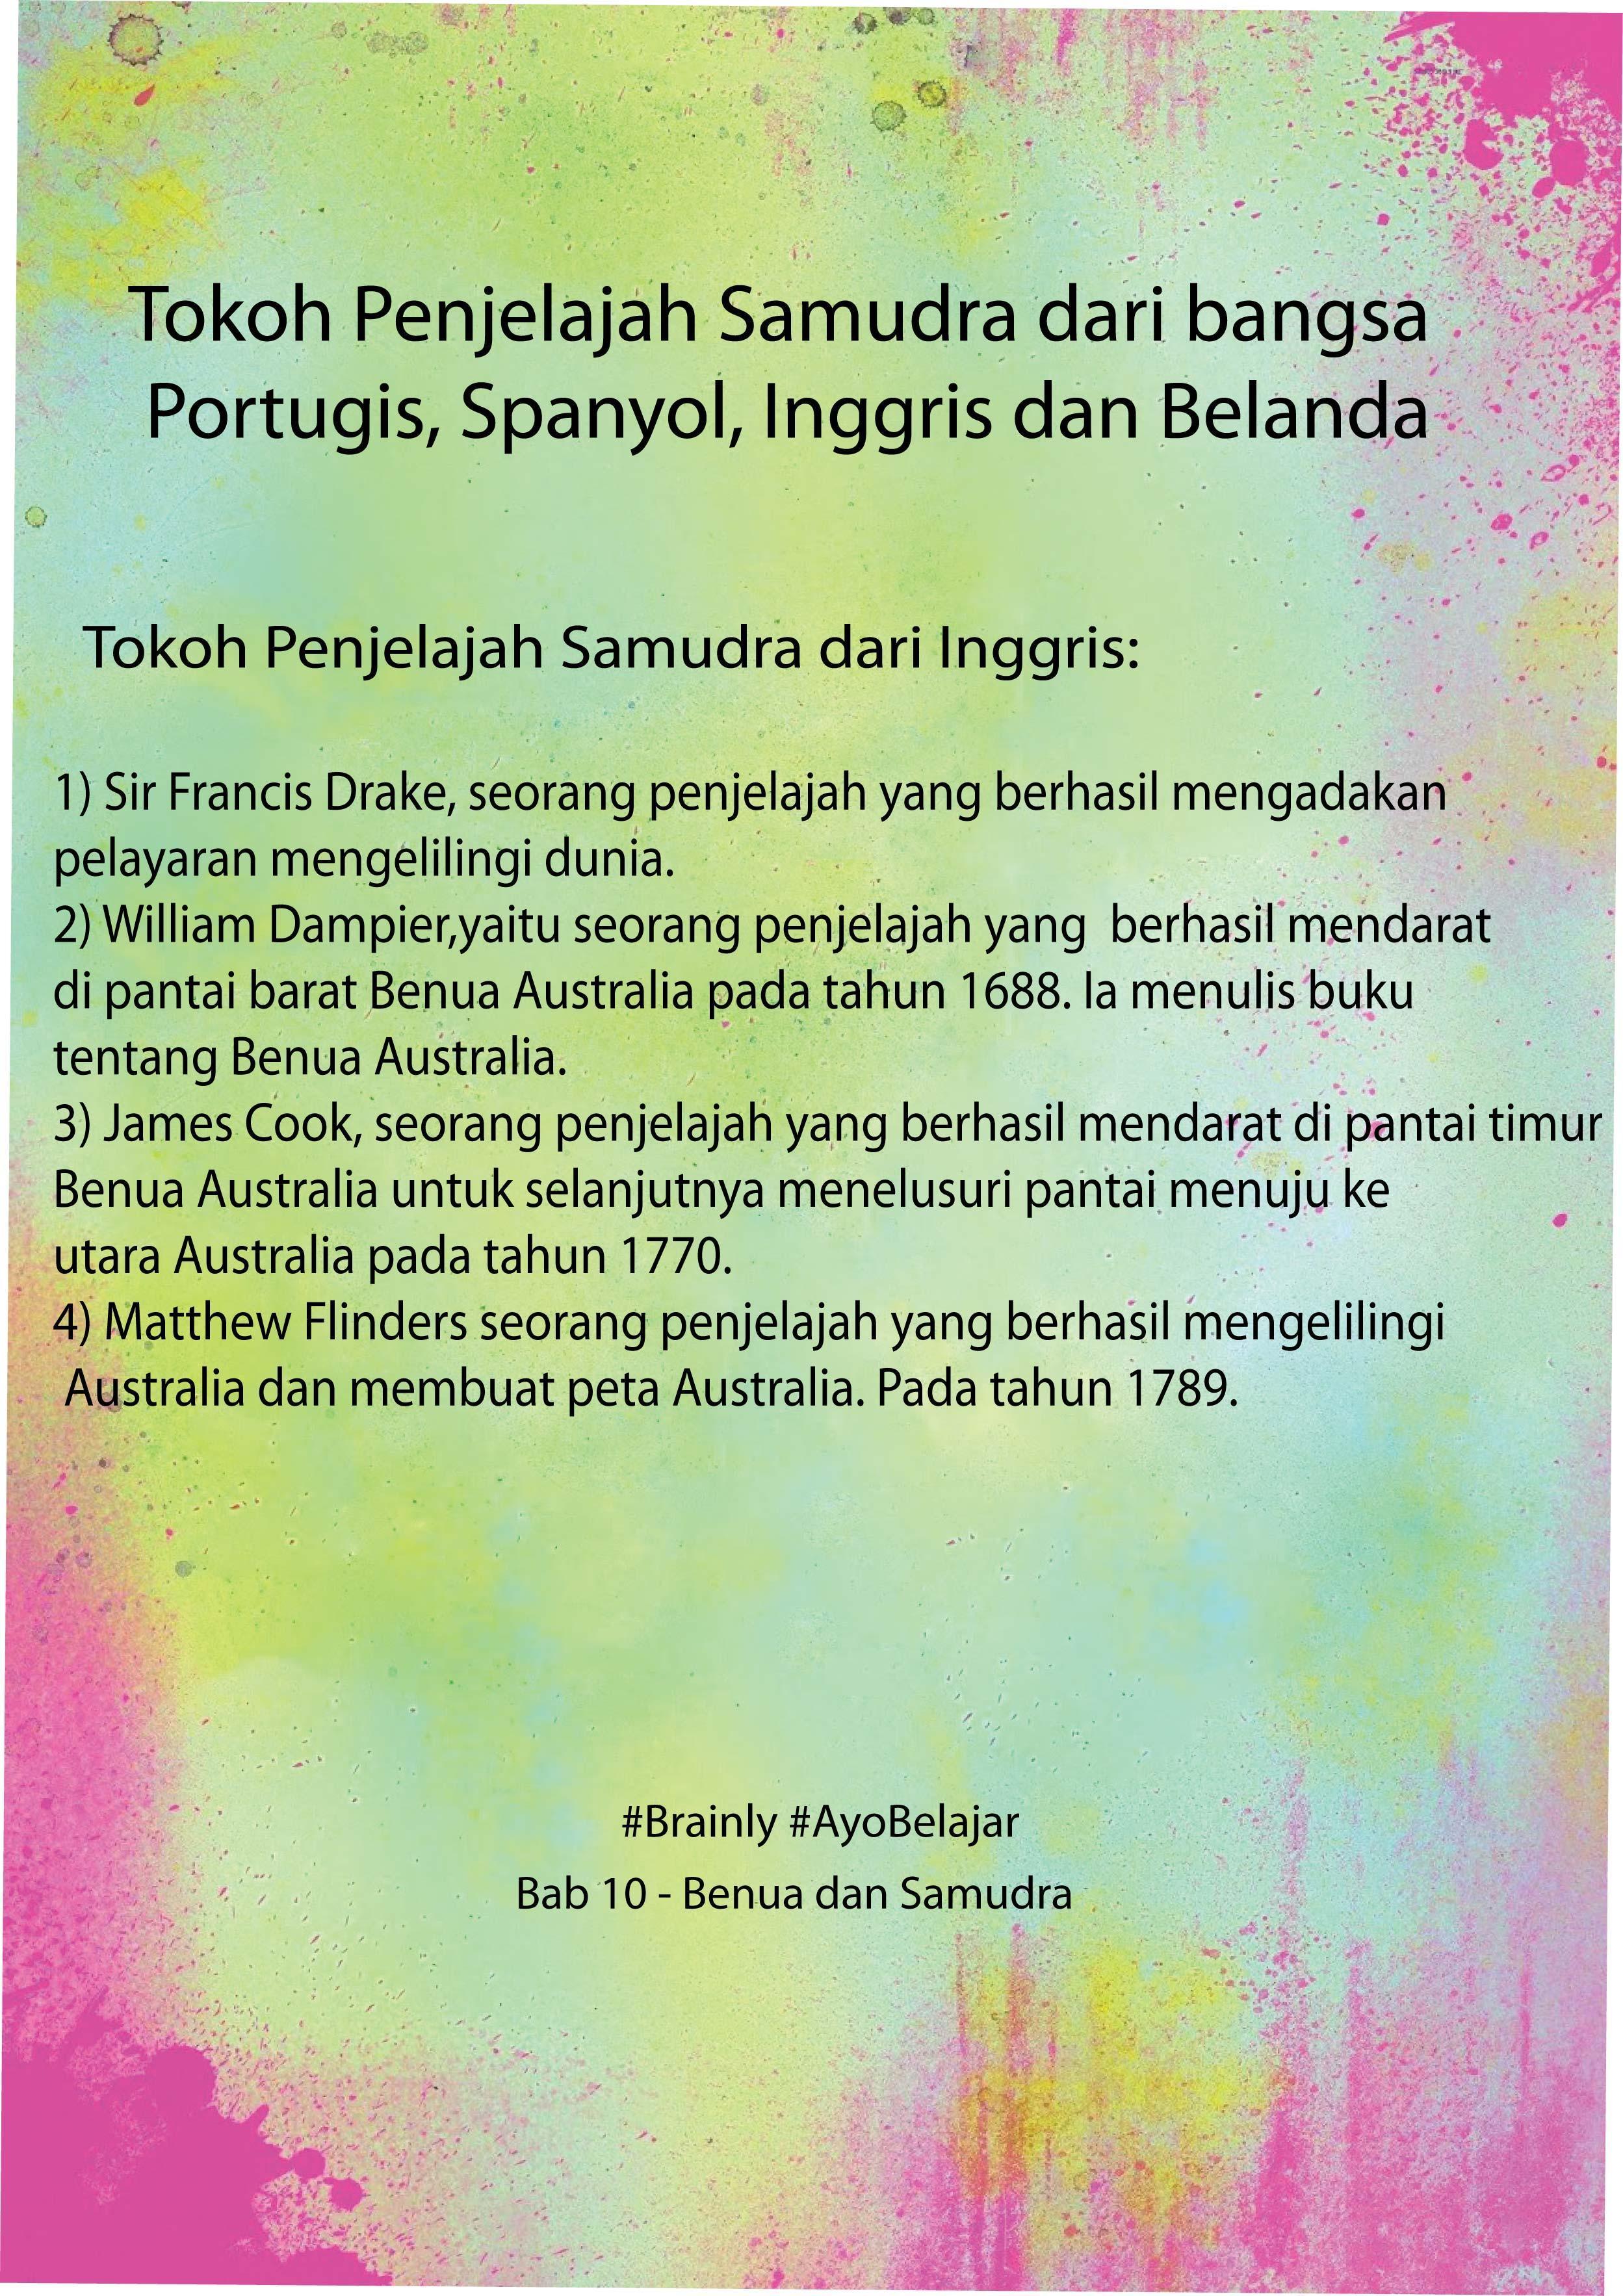 Bangsa Eropa Yang Pertama Kali Menjajah Indonesia Adalah : bangsa, eropa, pertama, menjajah, indonesia, adalah, Tokoh, Penjelajah, Samudra, Bangsa:, Portugis,spanyol,inggris,dan, Belanda, Brainly.co.id